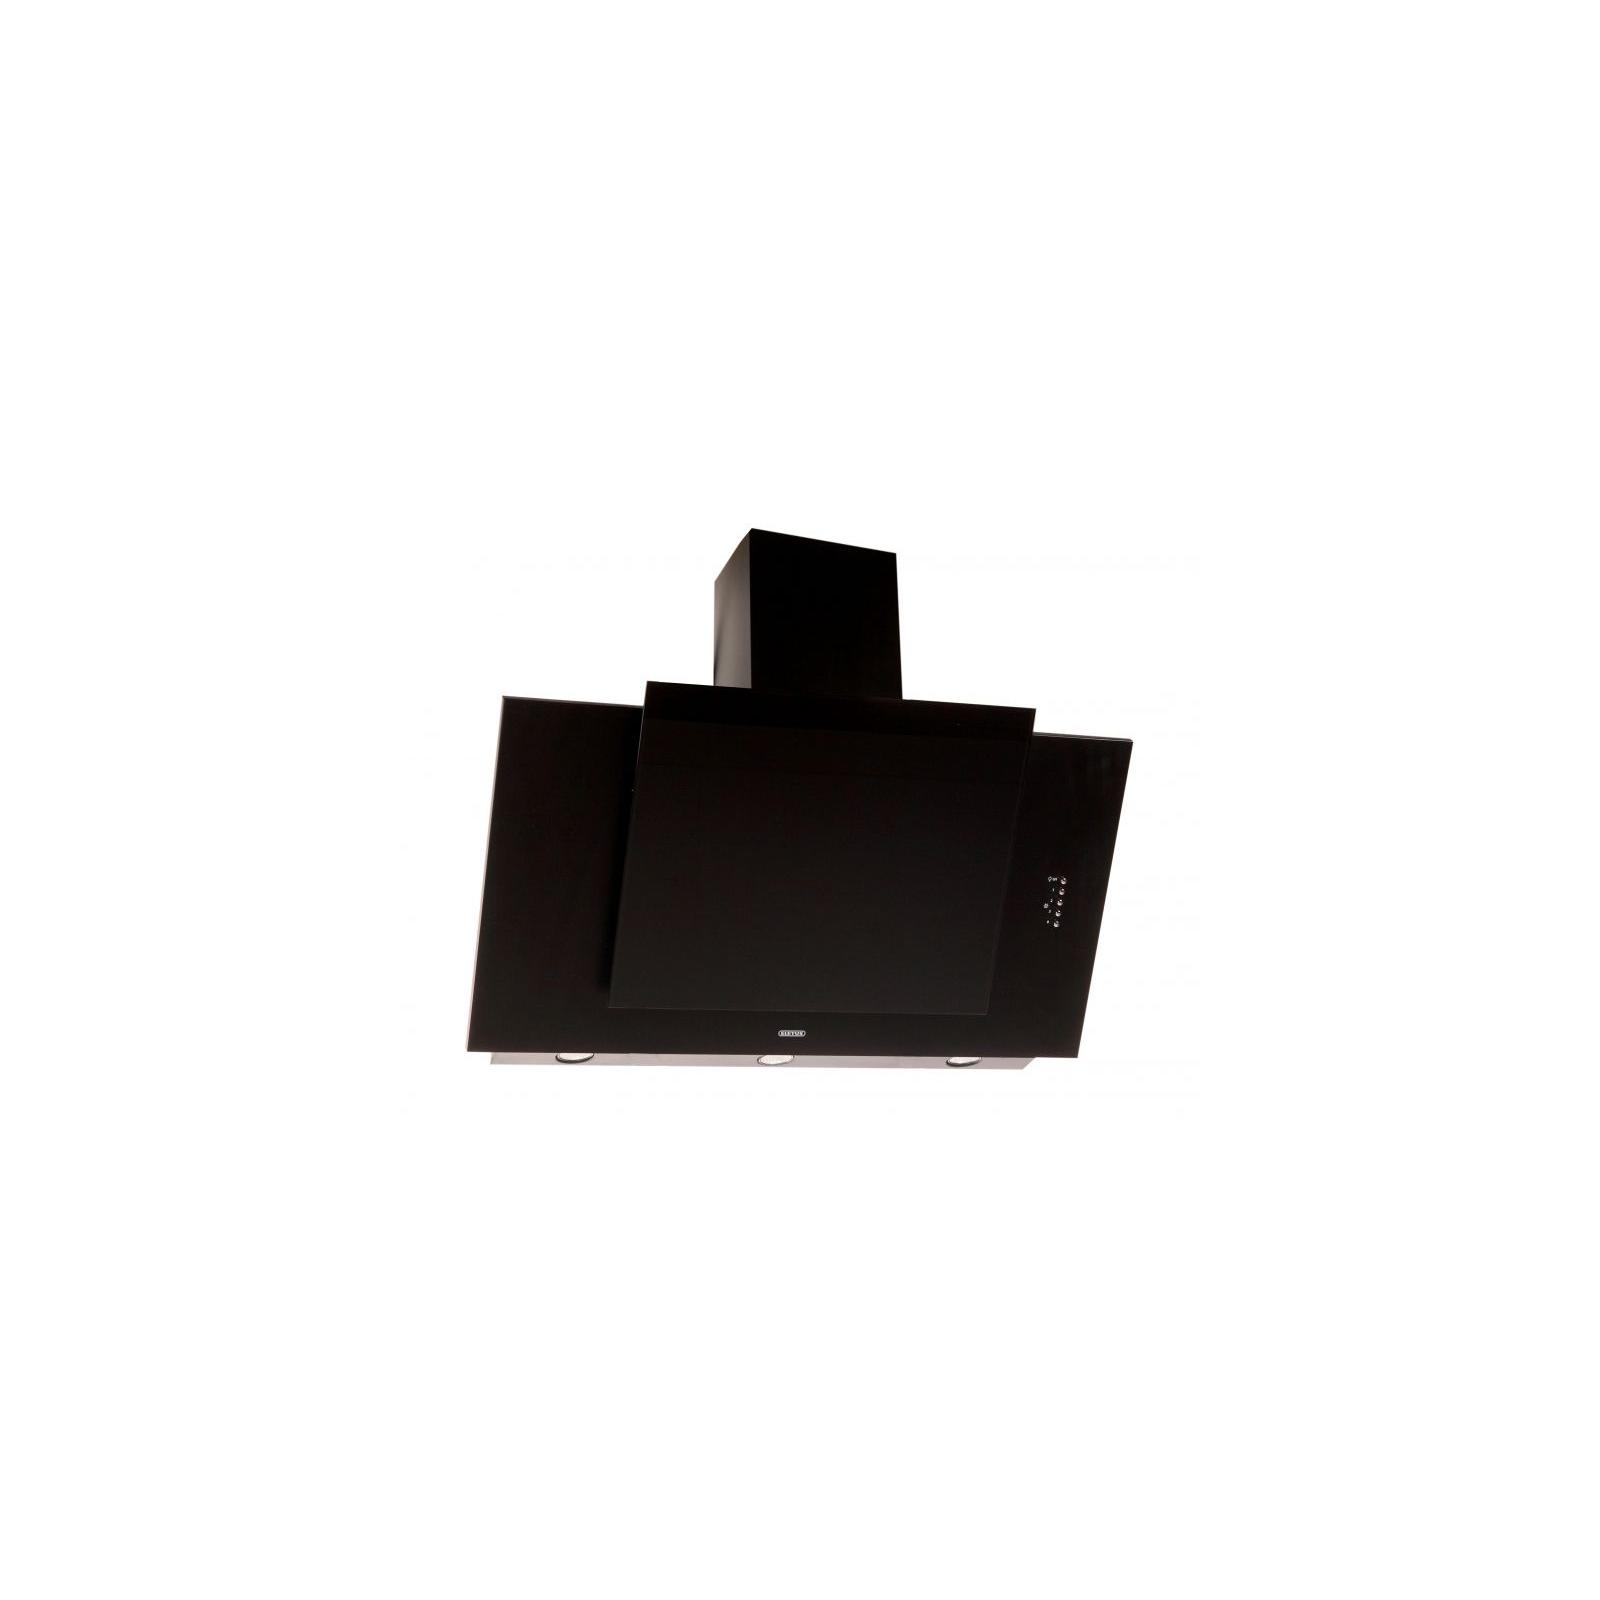 Вытяжка кухонная ELEYUS Titan А 1000 90 BL изображение 3